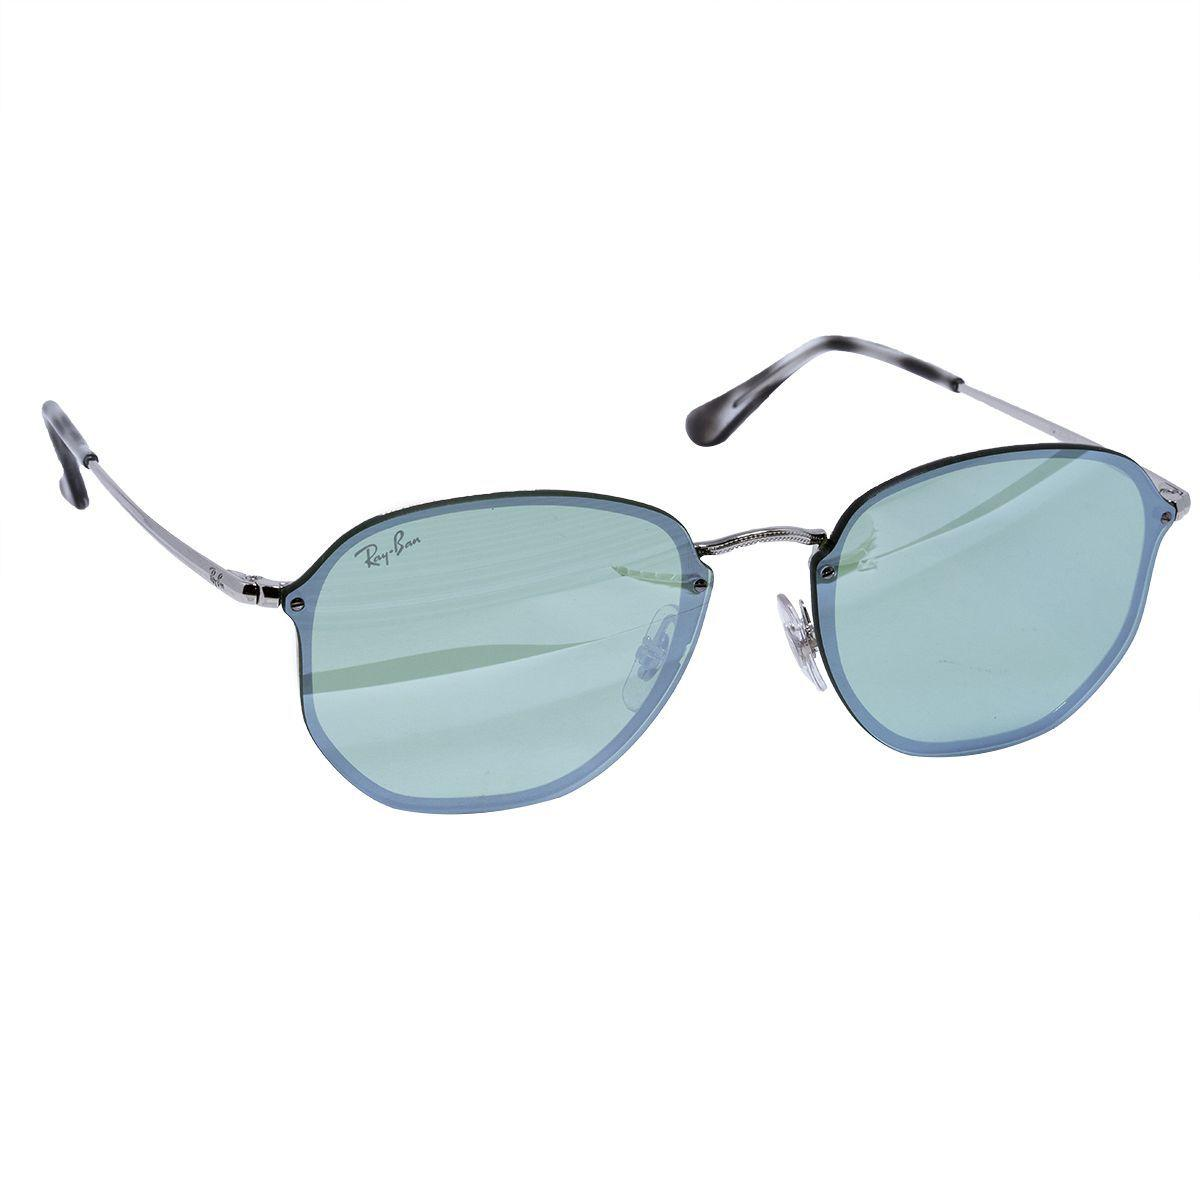 Óculos de Sol Ray Ban Hexagonal Blaze Silver RB3579N R  578,00 à vista.  Adicionar à sacola 887717f924